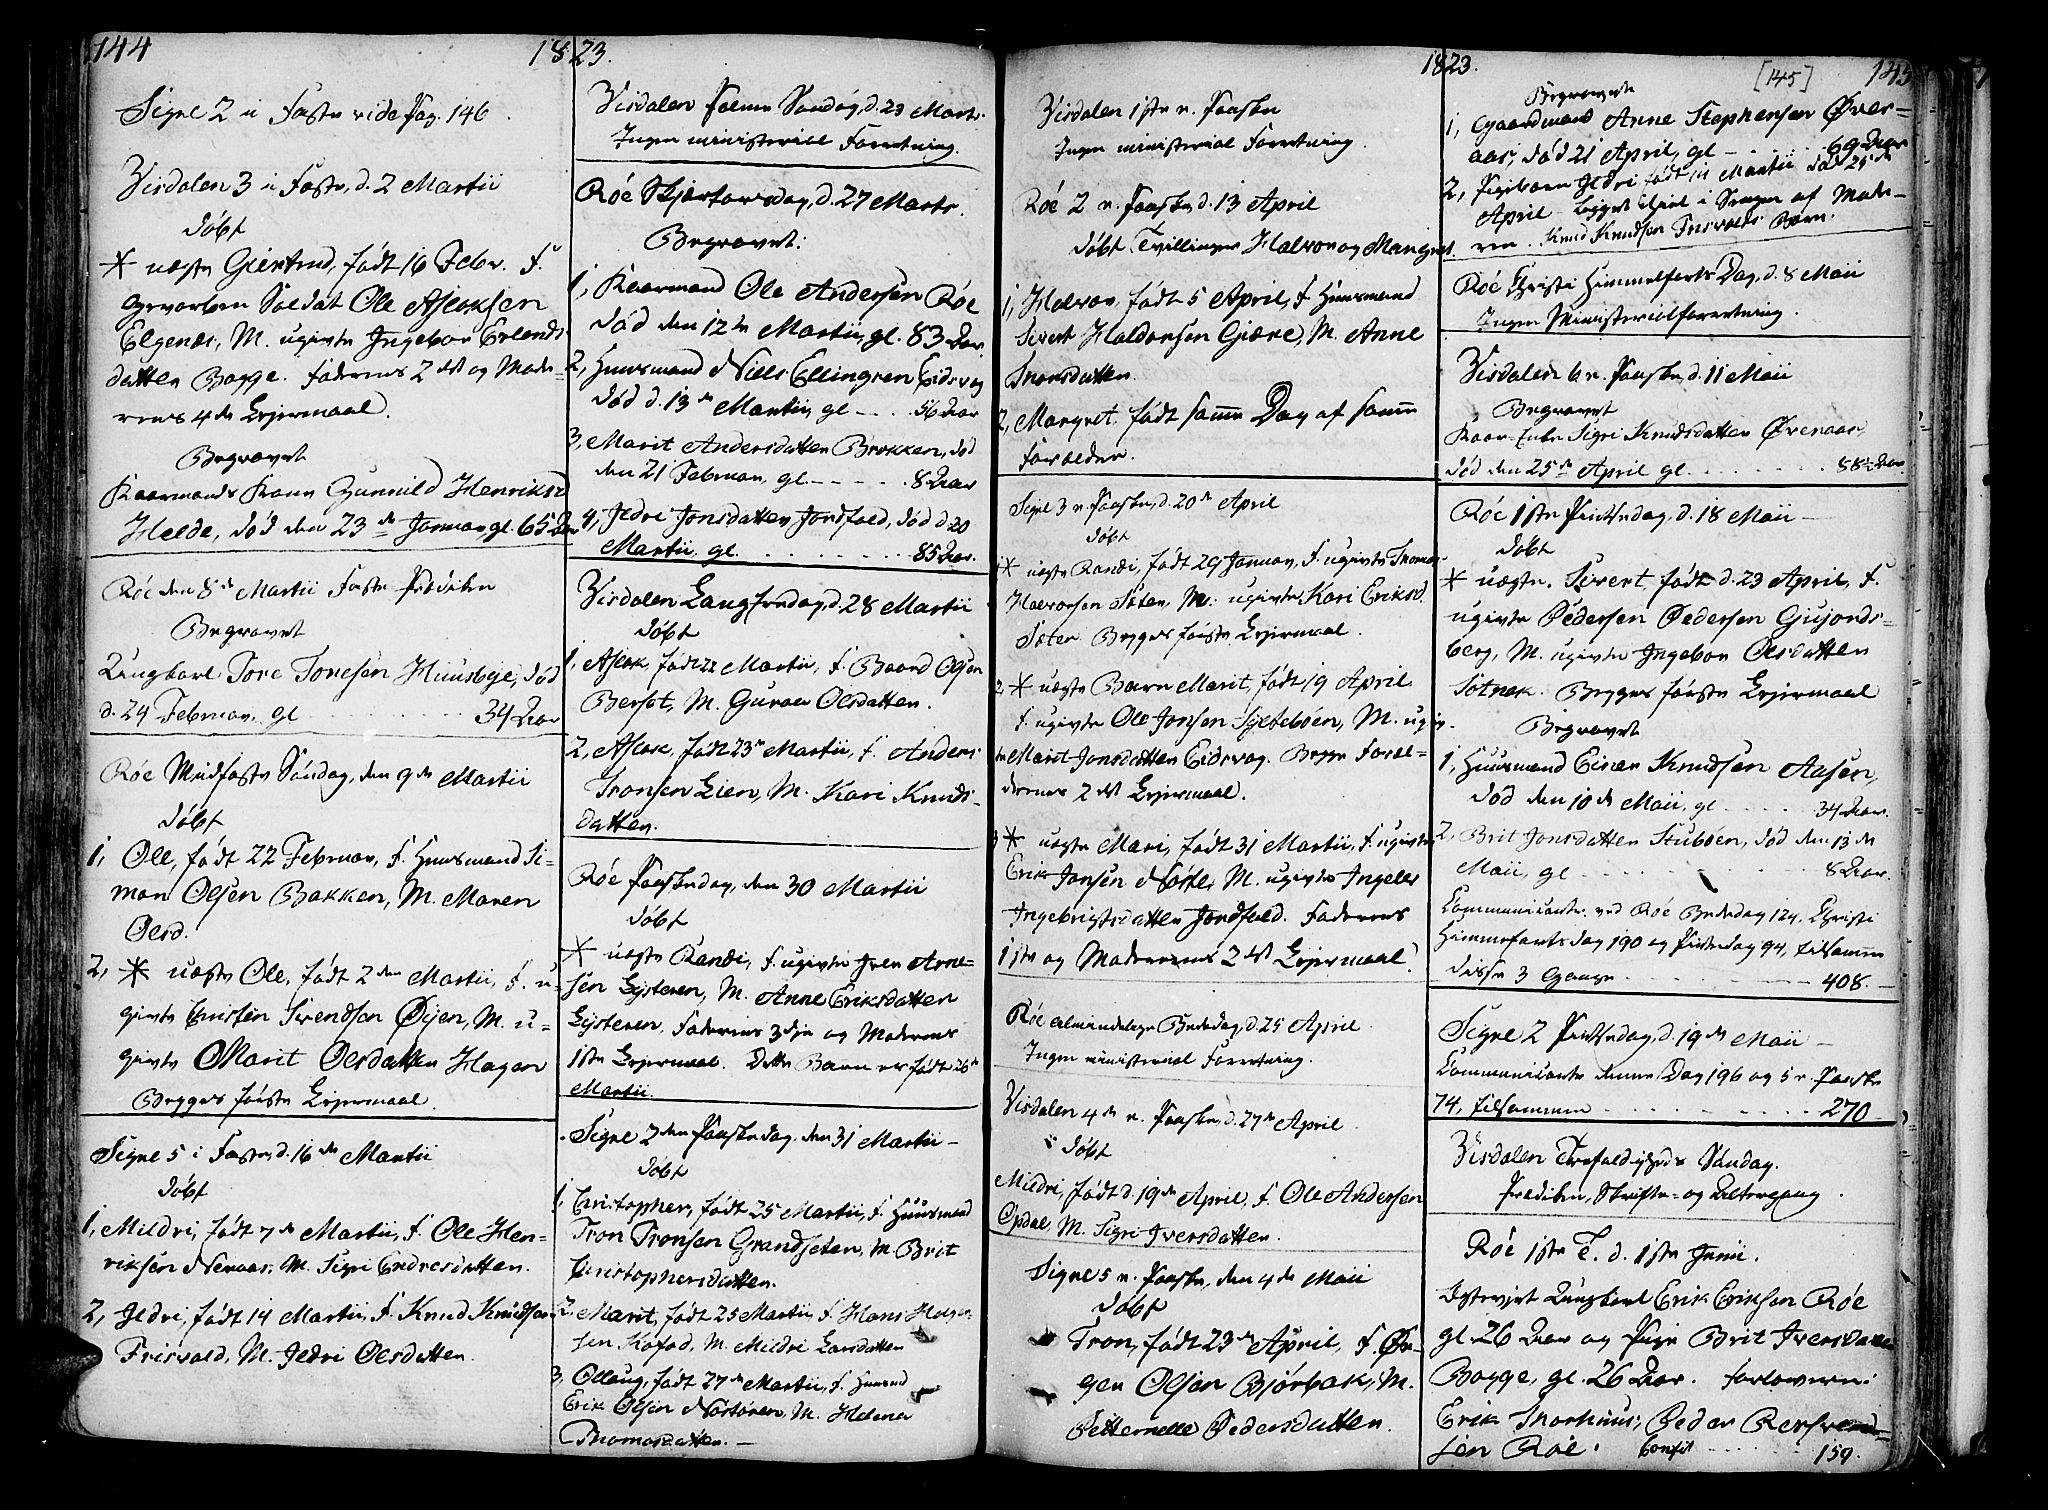 SAT, Ministerialprotokoller, klokkerbøker og fødselsregistre - Møre og Romsdal, 551/L0622: Ministerialbok nr. 551A02, 1804-1845, s. 144-145